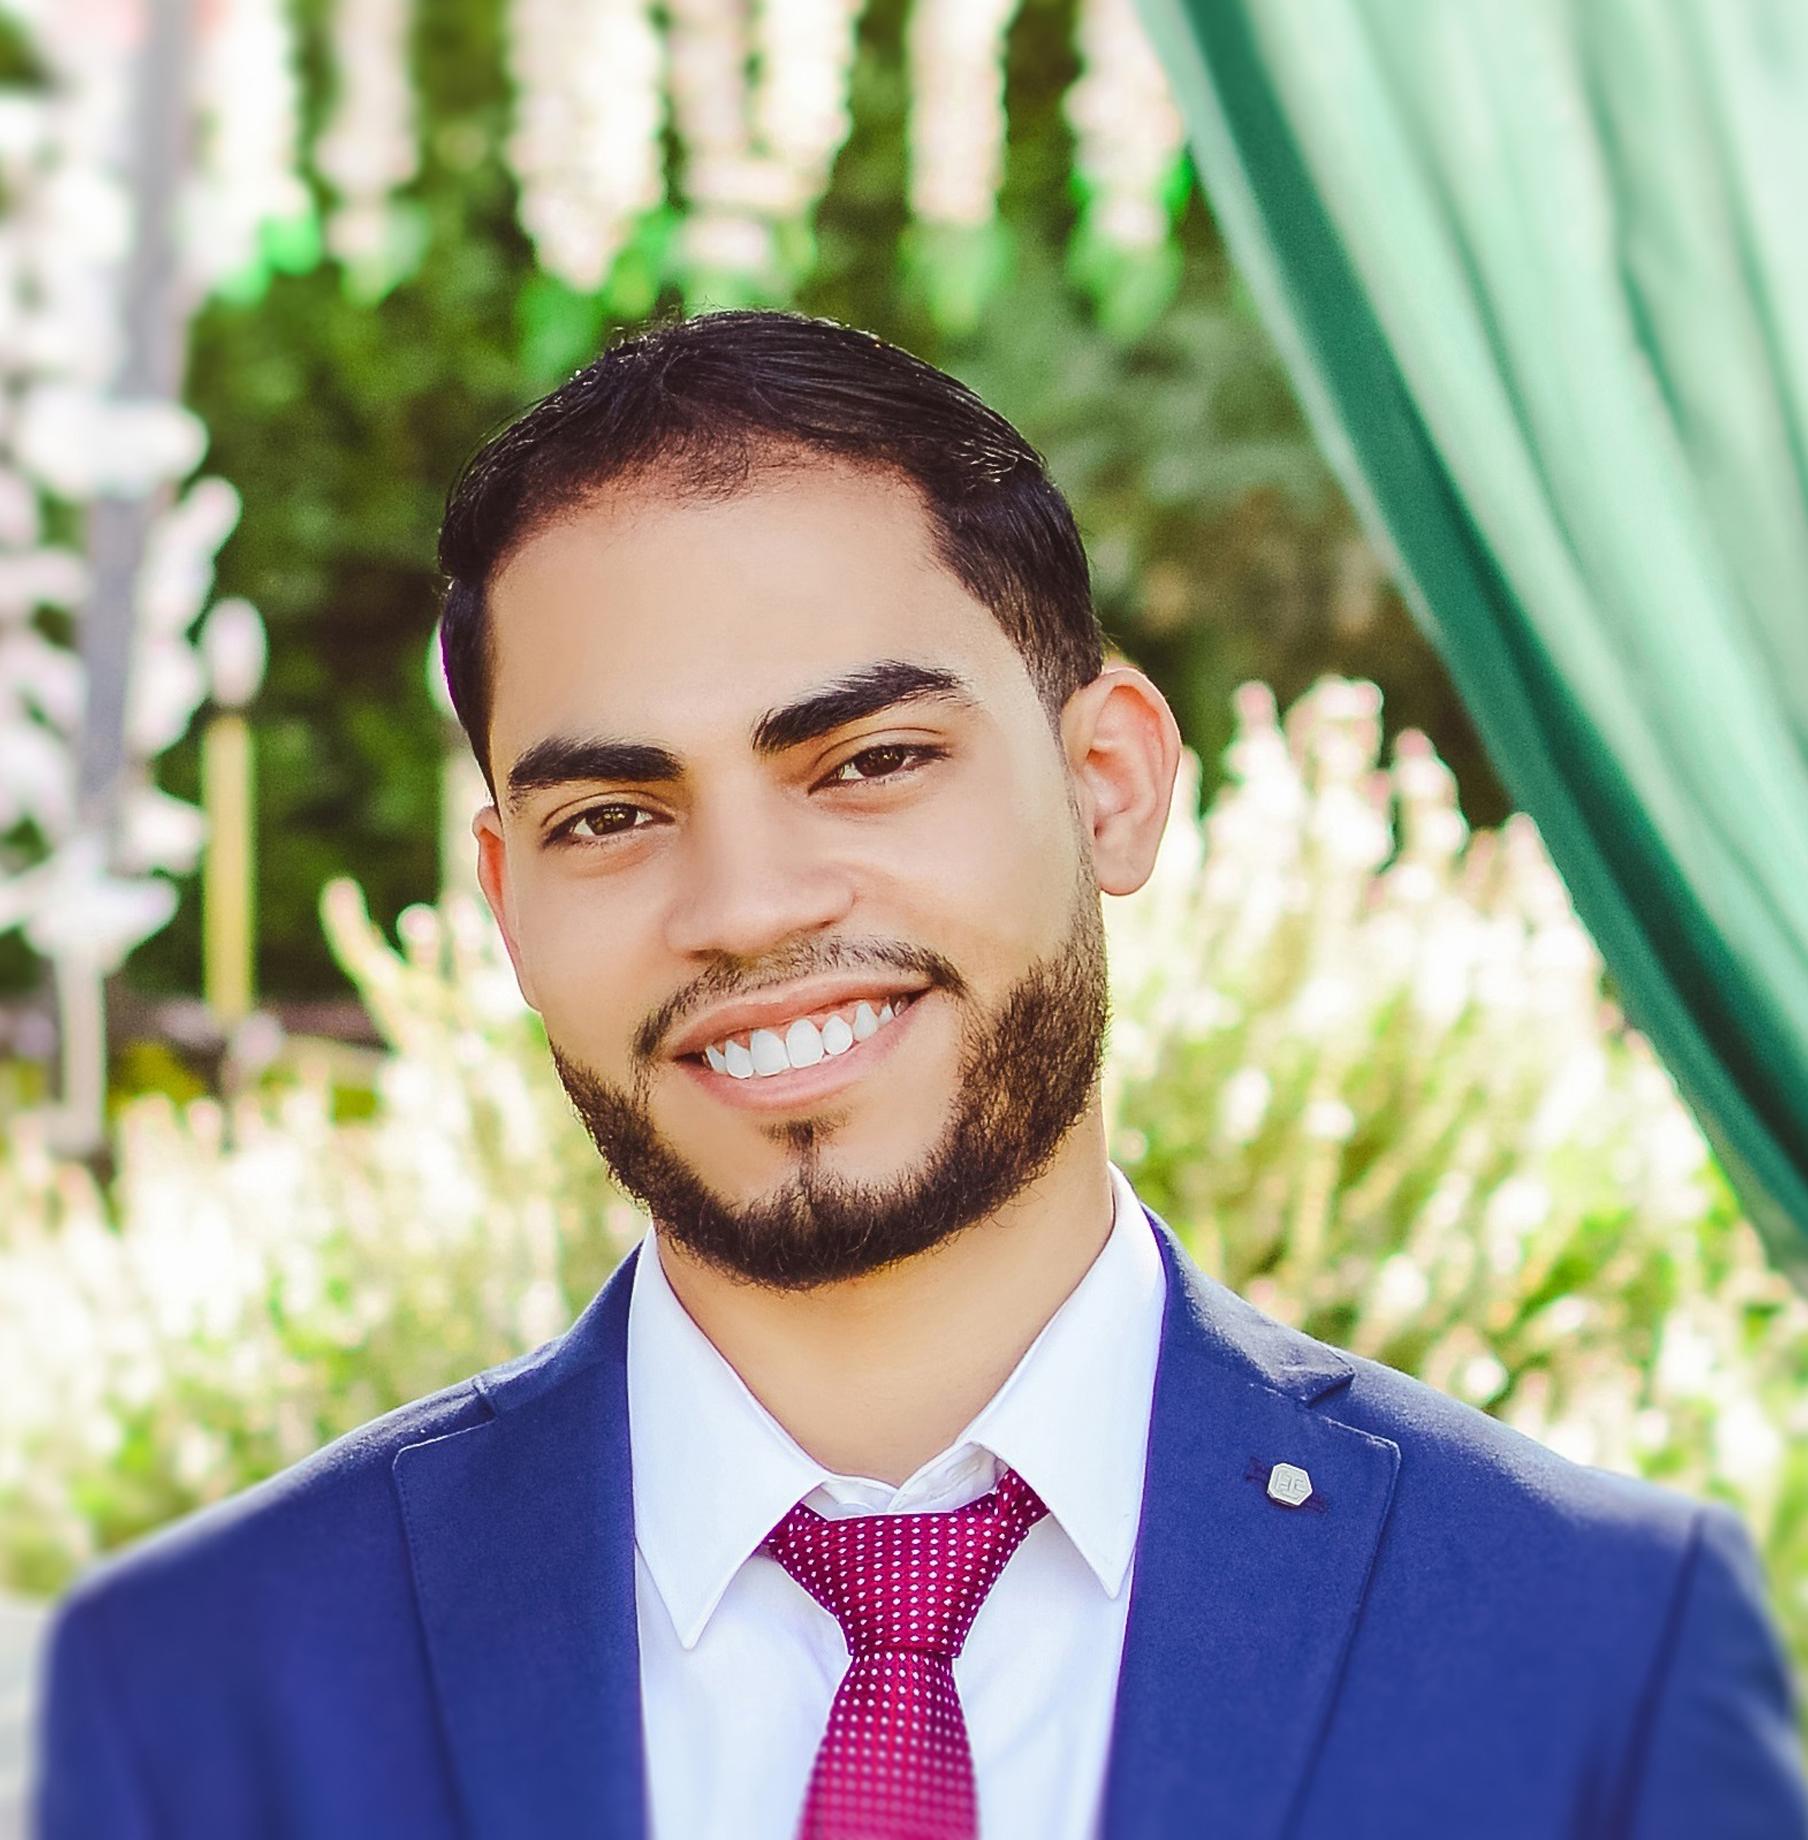 Reda Mohamed Mohamed Ghanem